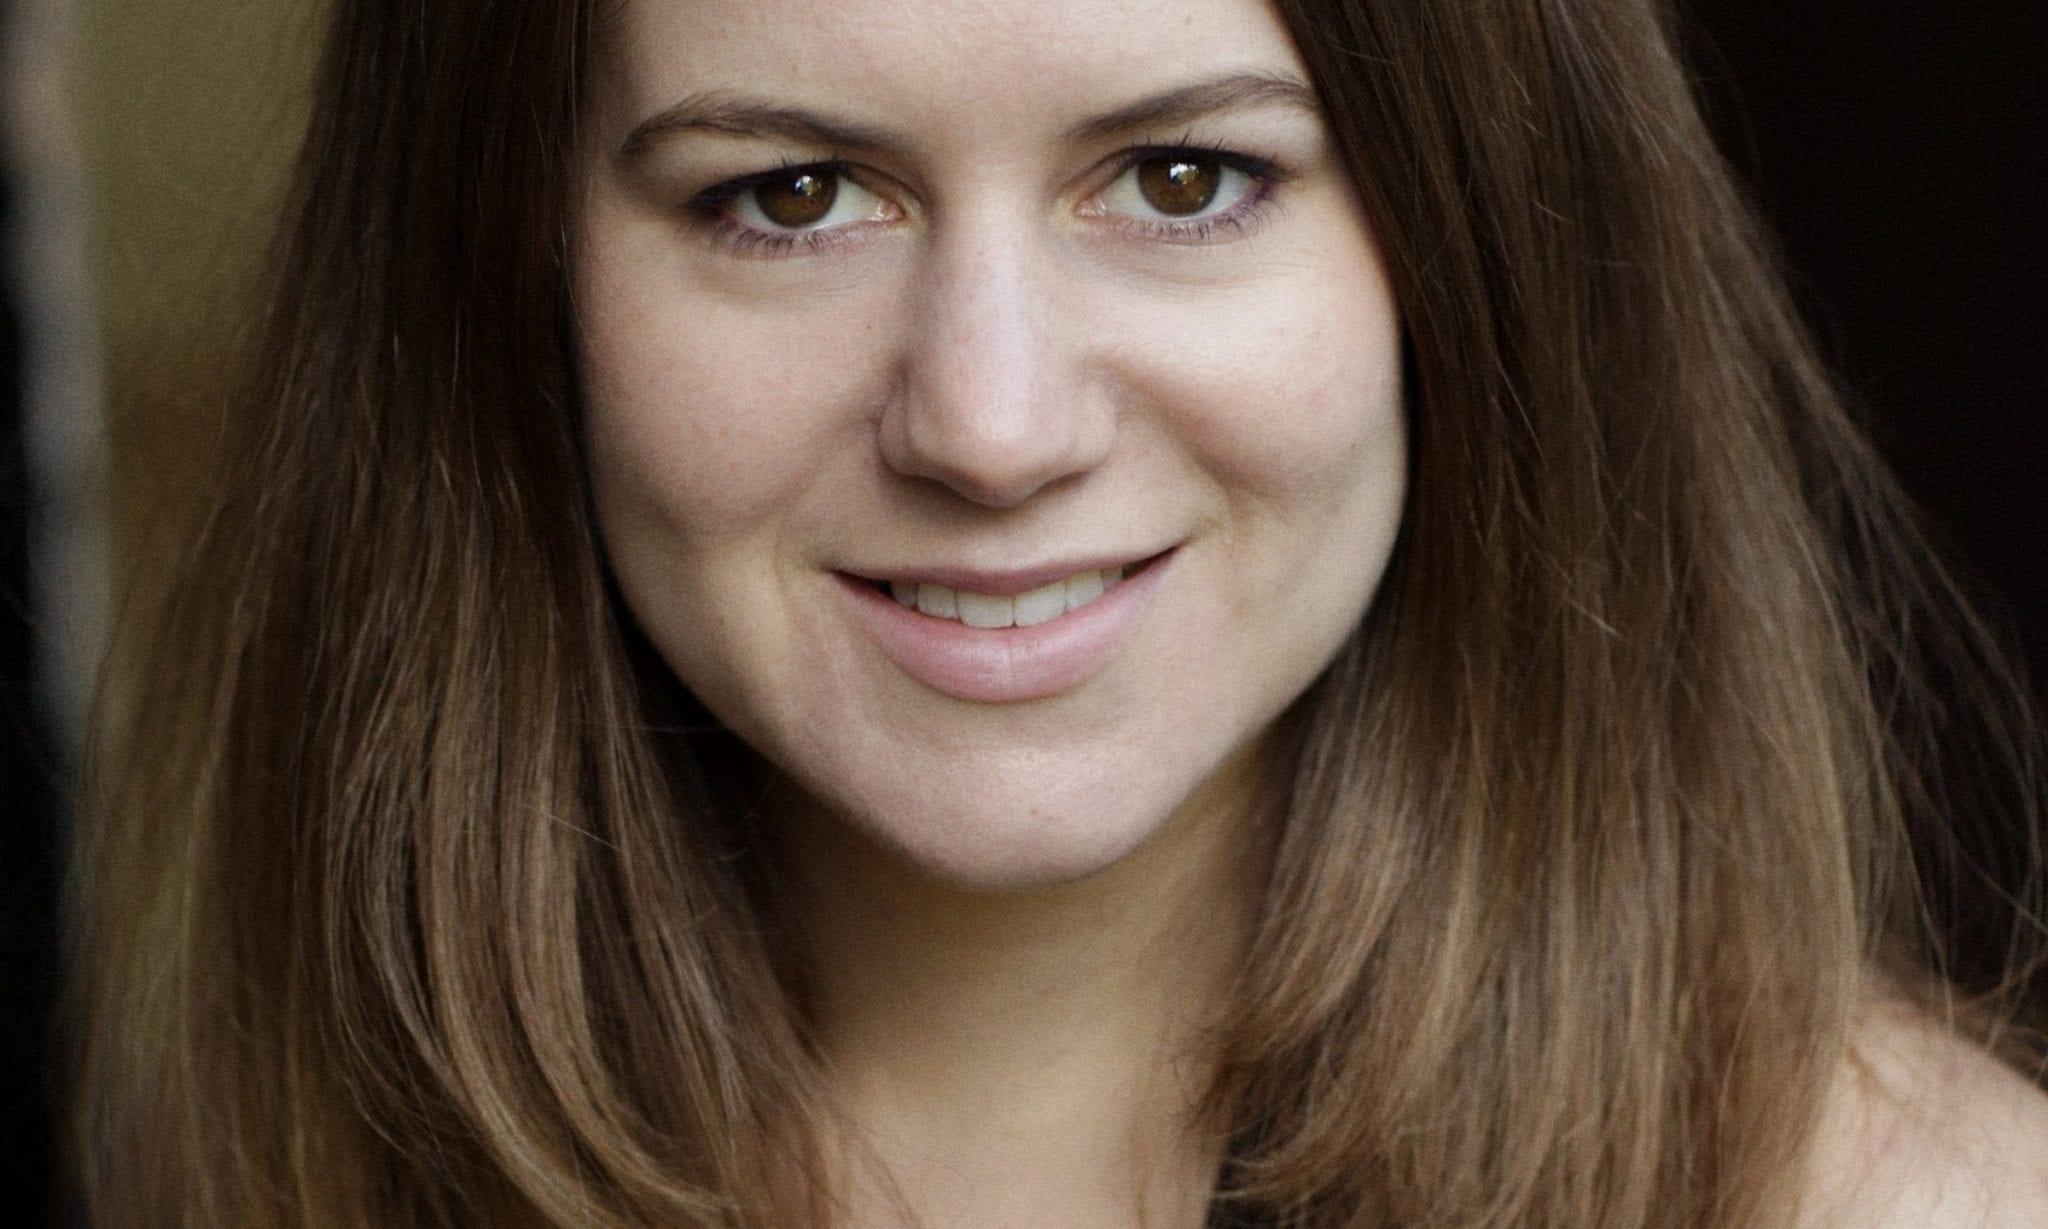 Chloe Van Harding